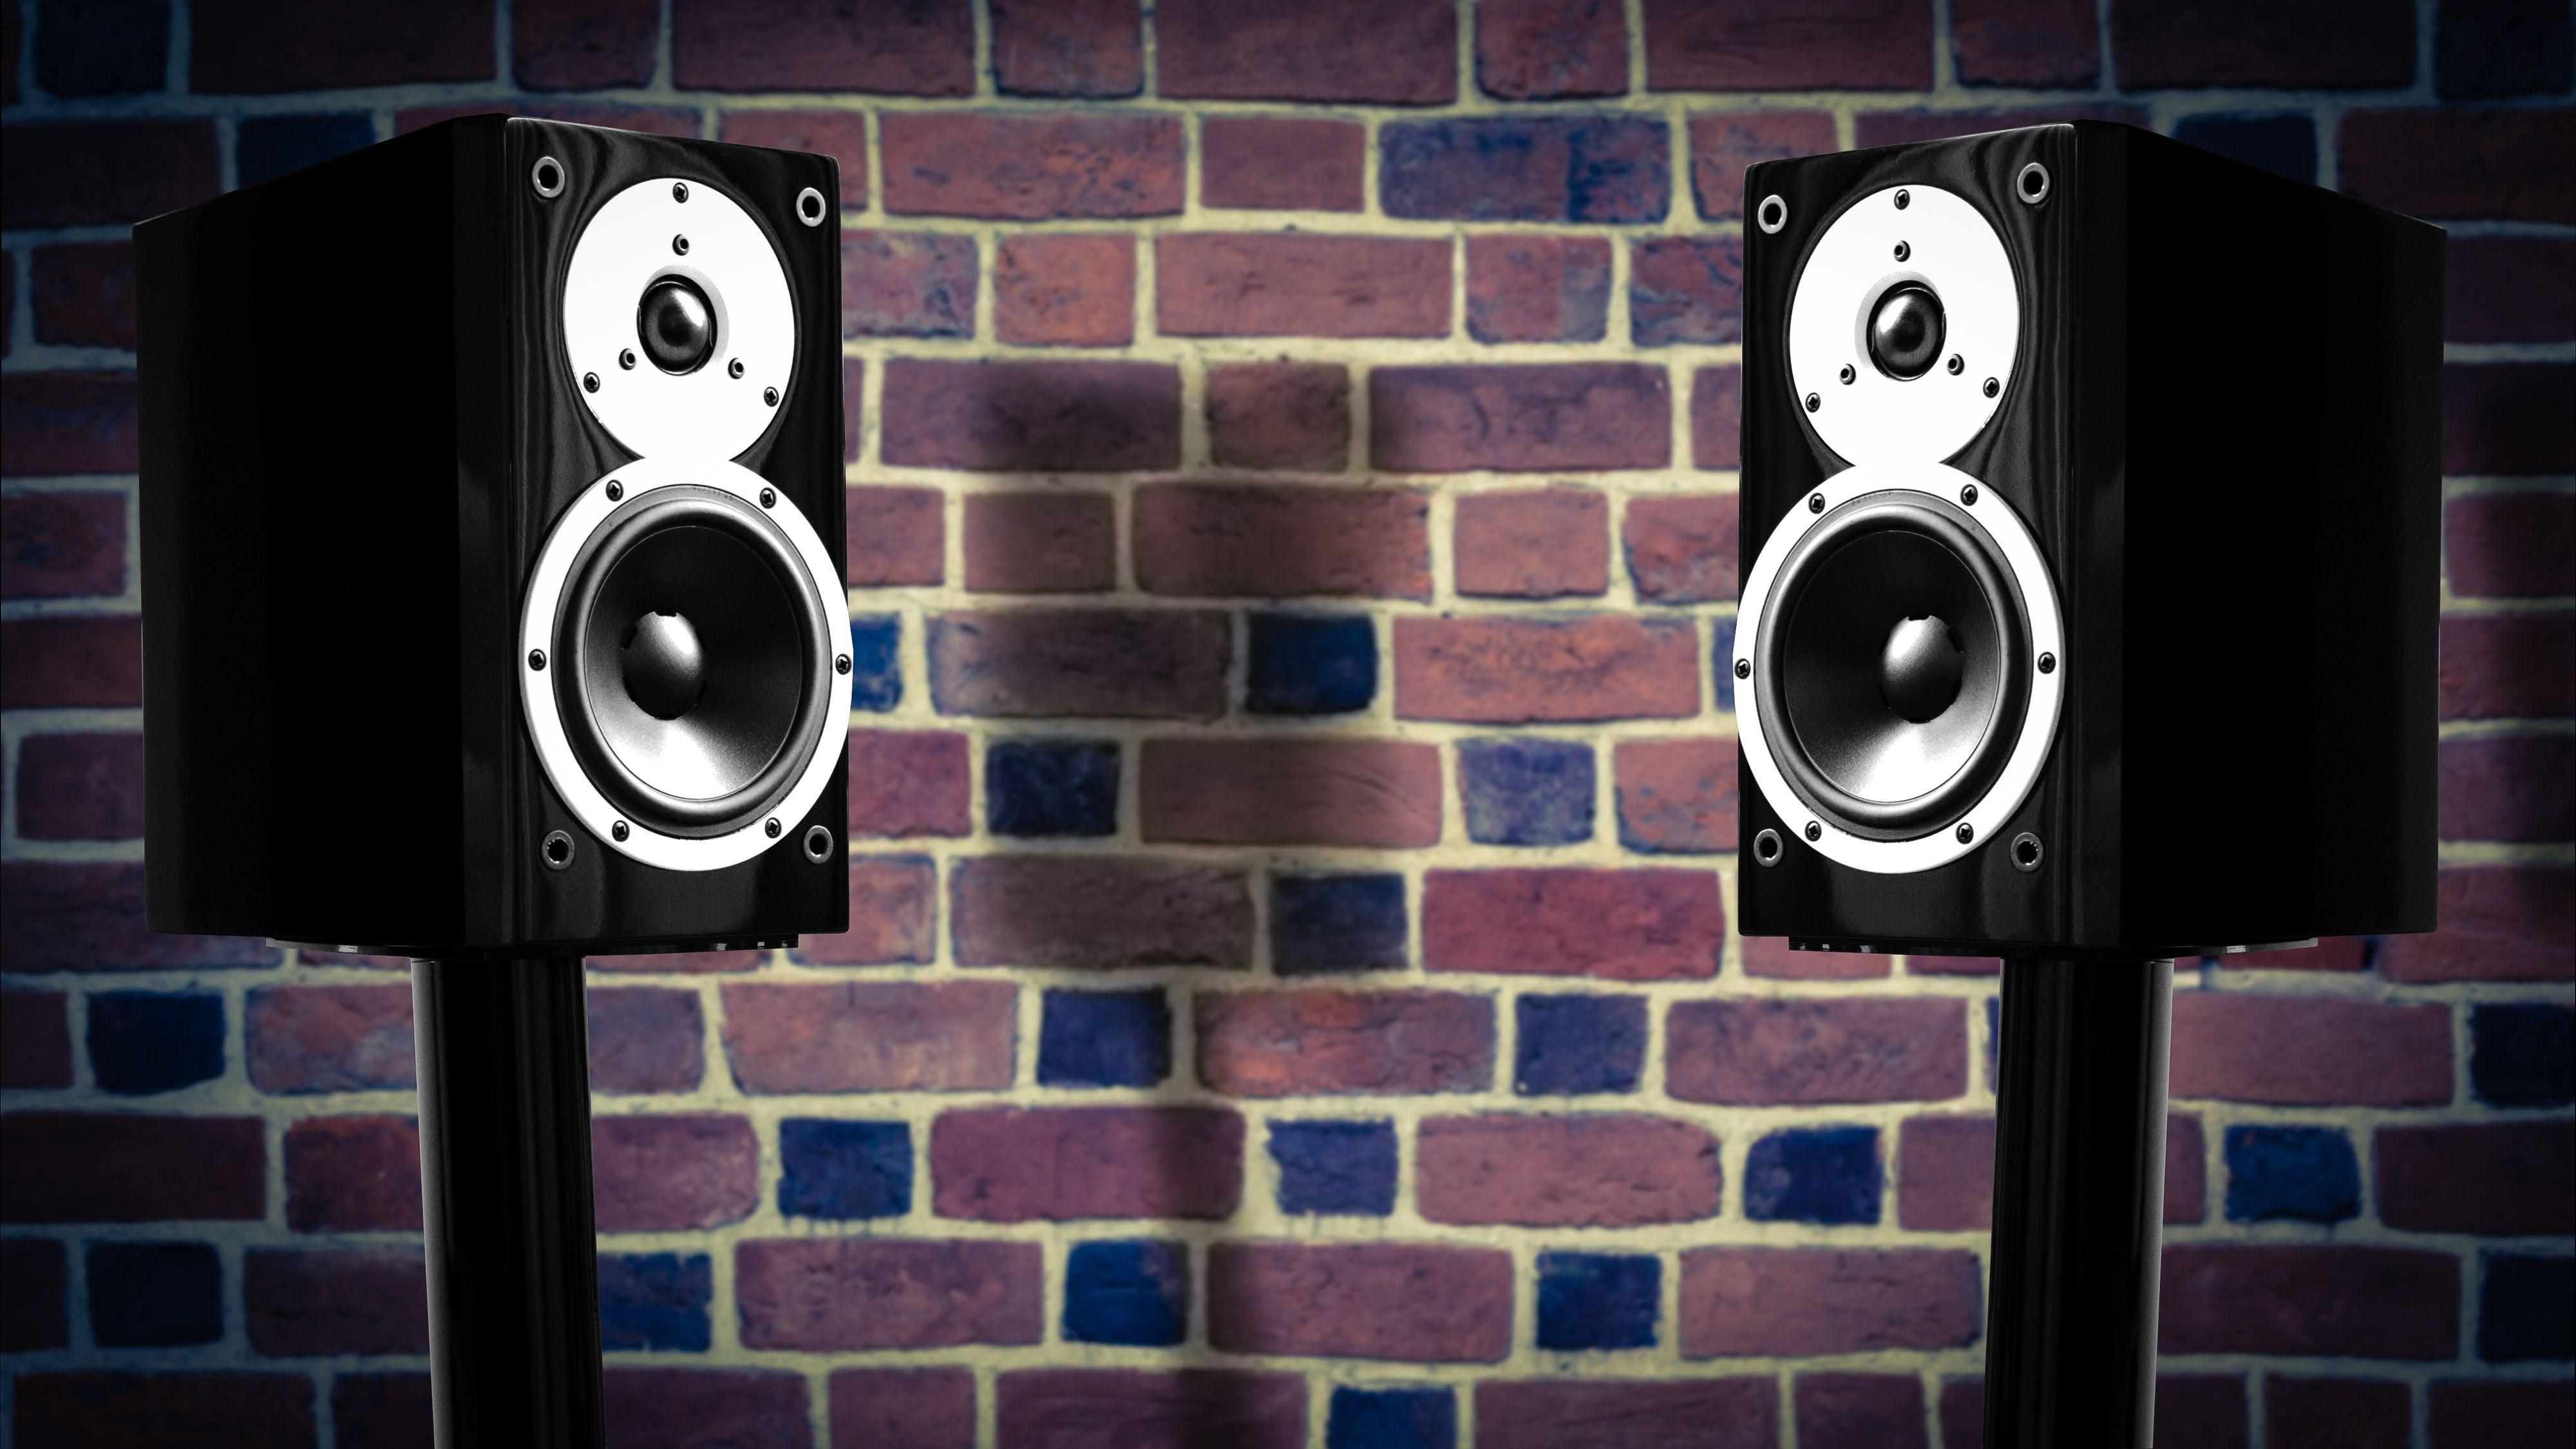 Sjekk at vinkelen mot deg stemmer. Peker de en annen vei vil neppe lydkvaliteten være helt topp. Foto: Shutterstock